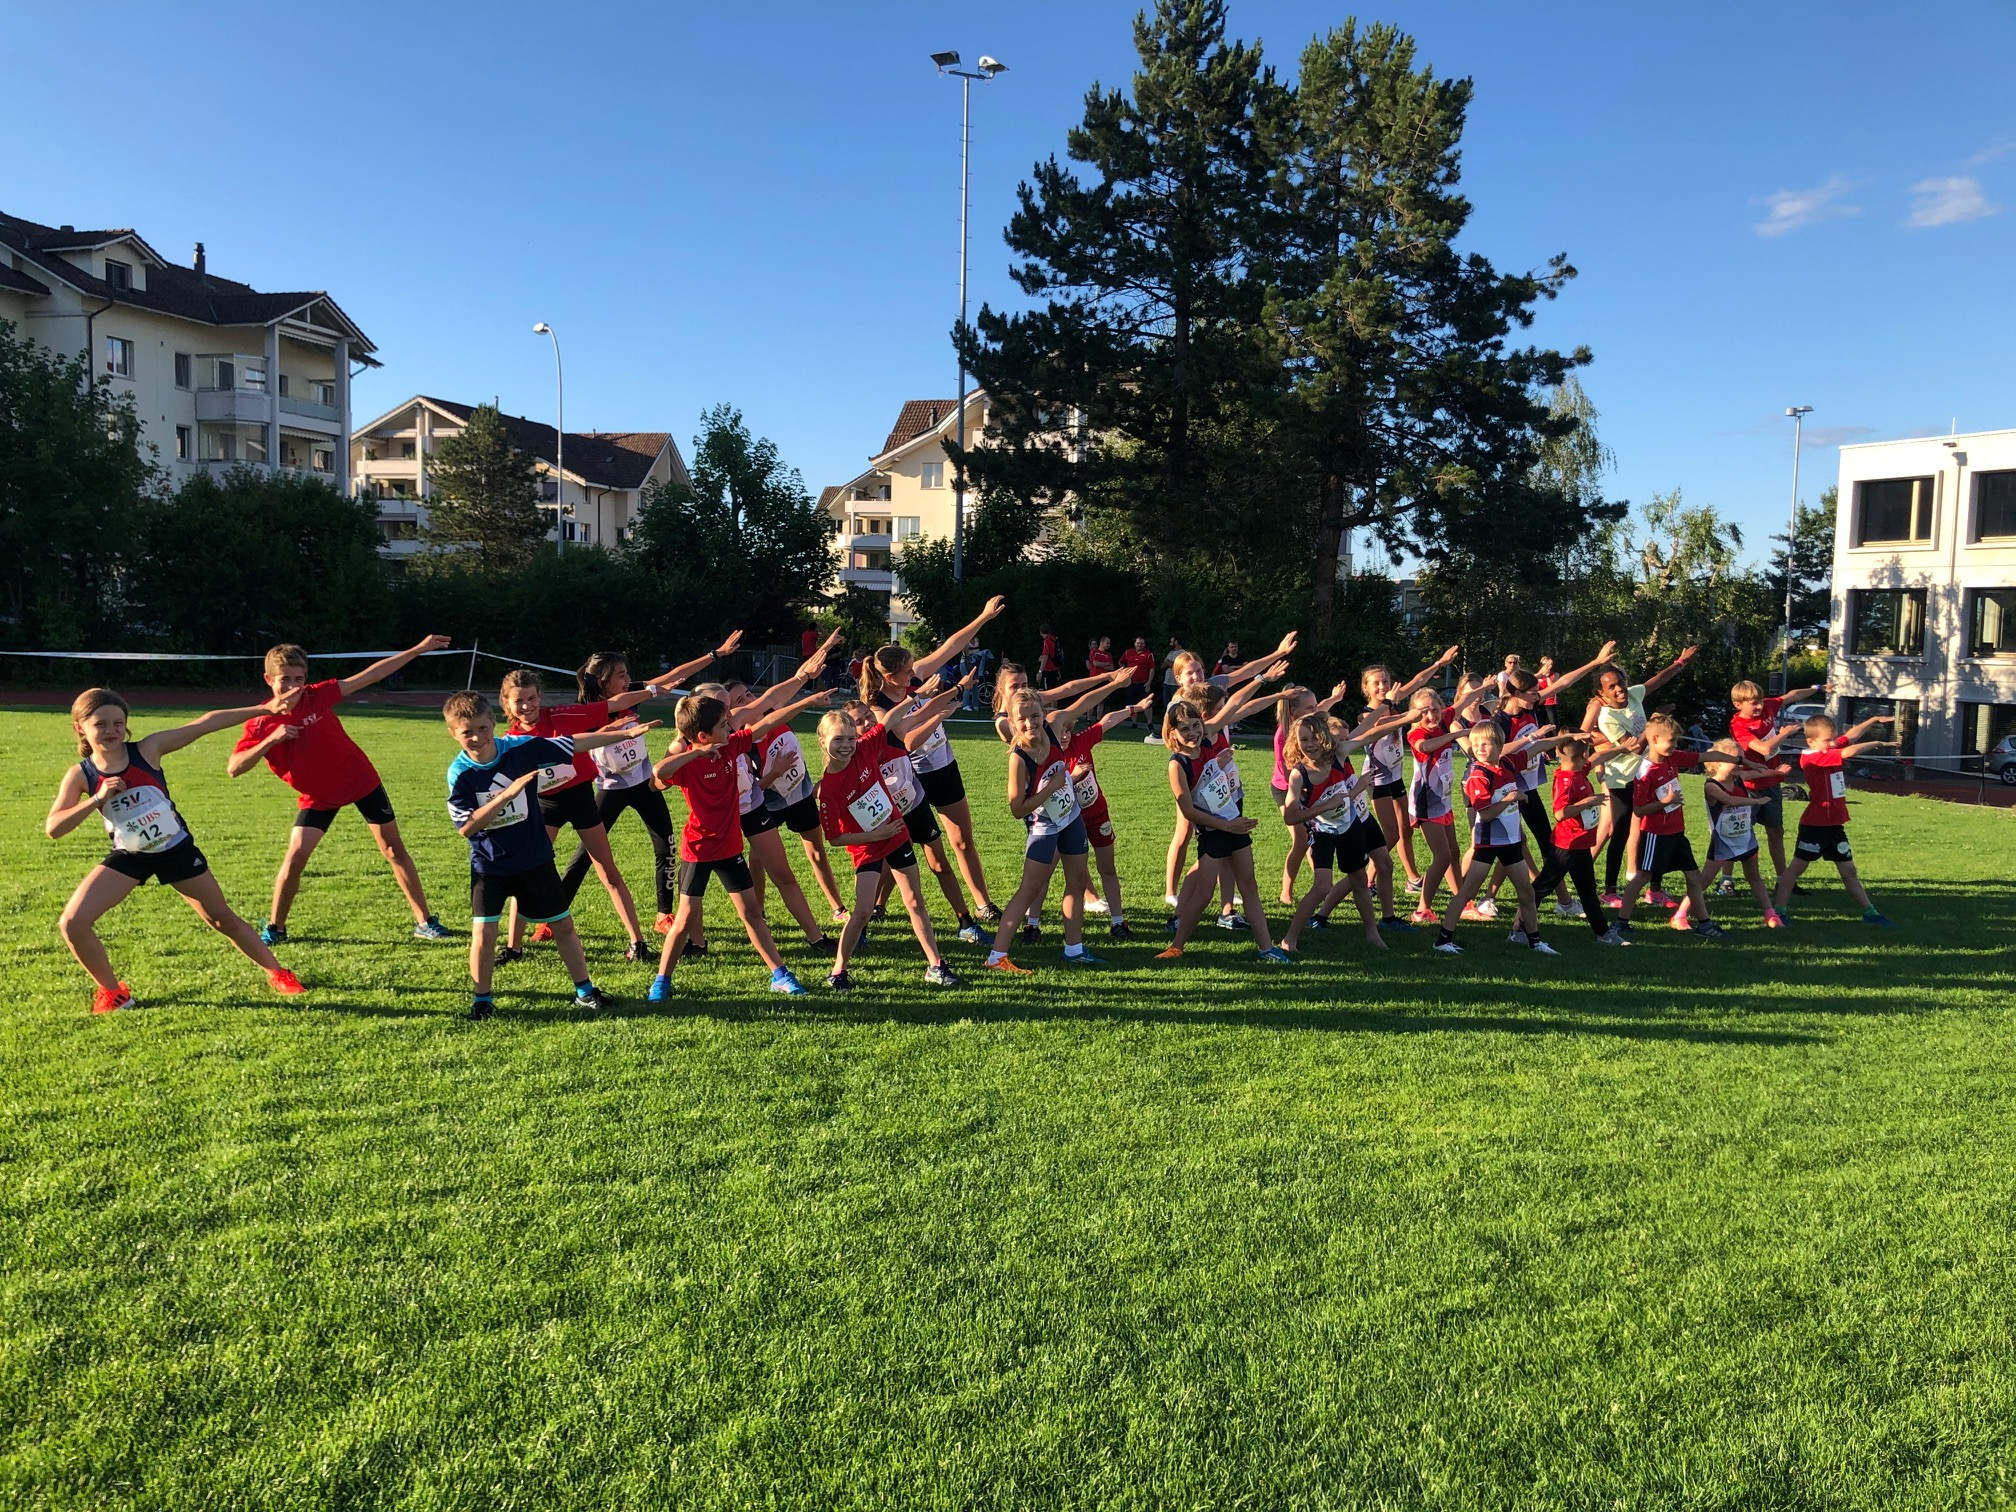 Leichtathletik Kids Cup Einzel in Eschenbach